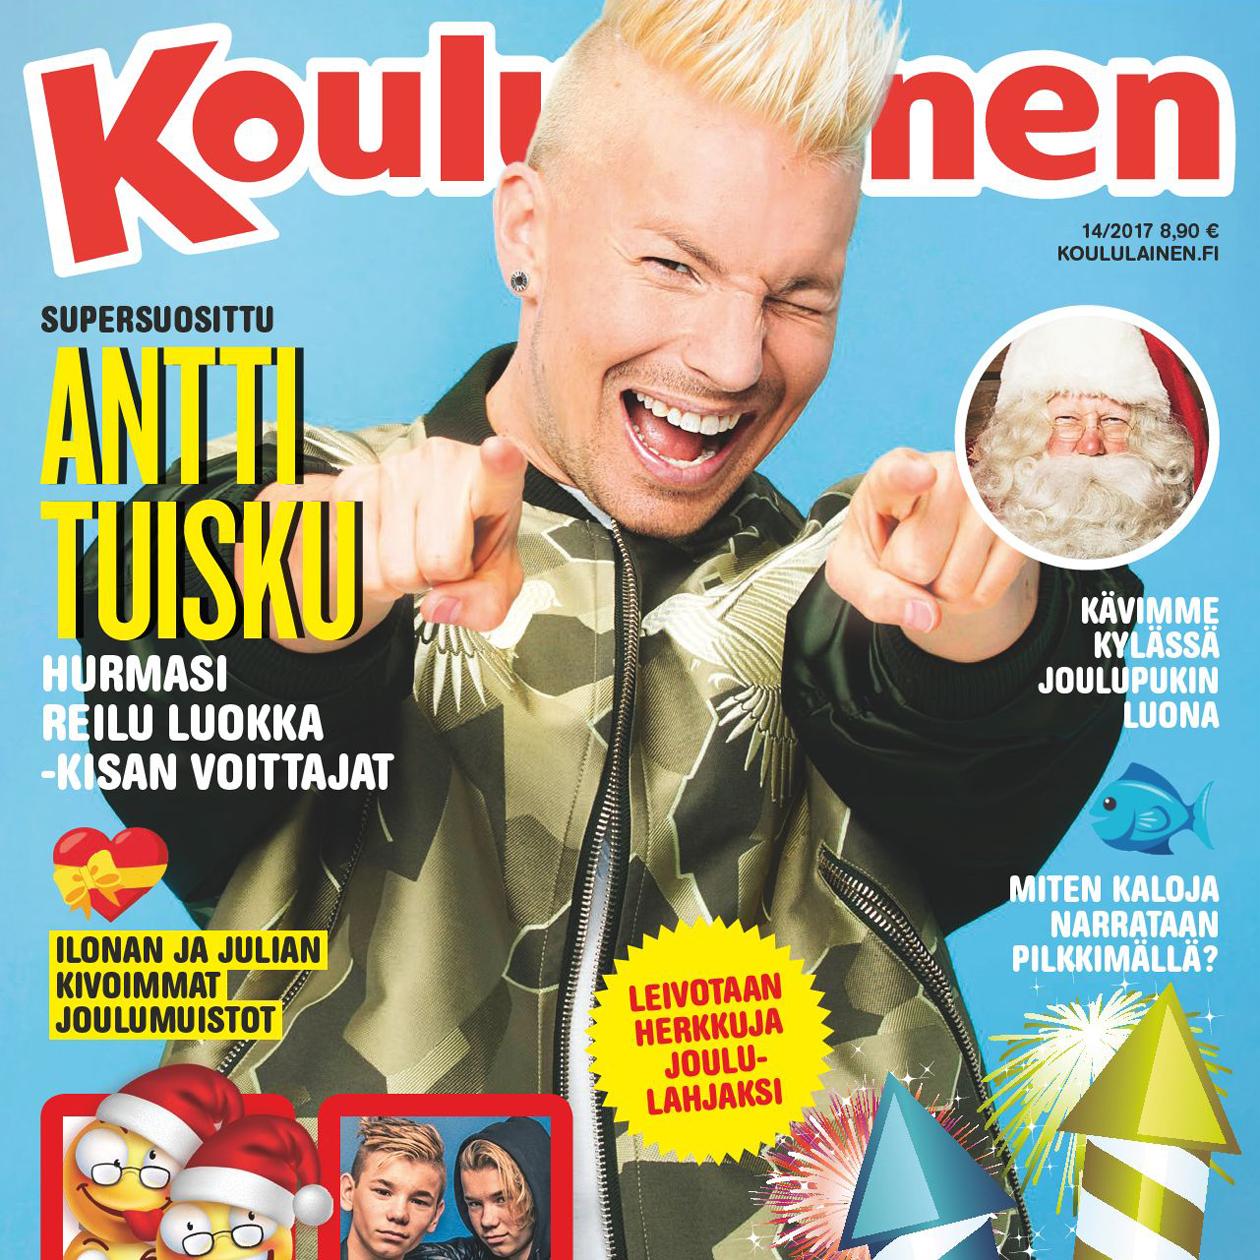 Koululaisen kannessa Antti Tuisku